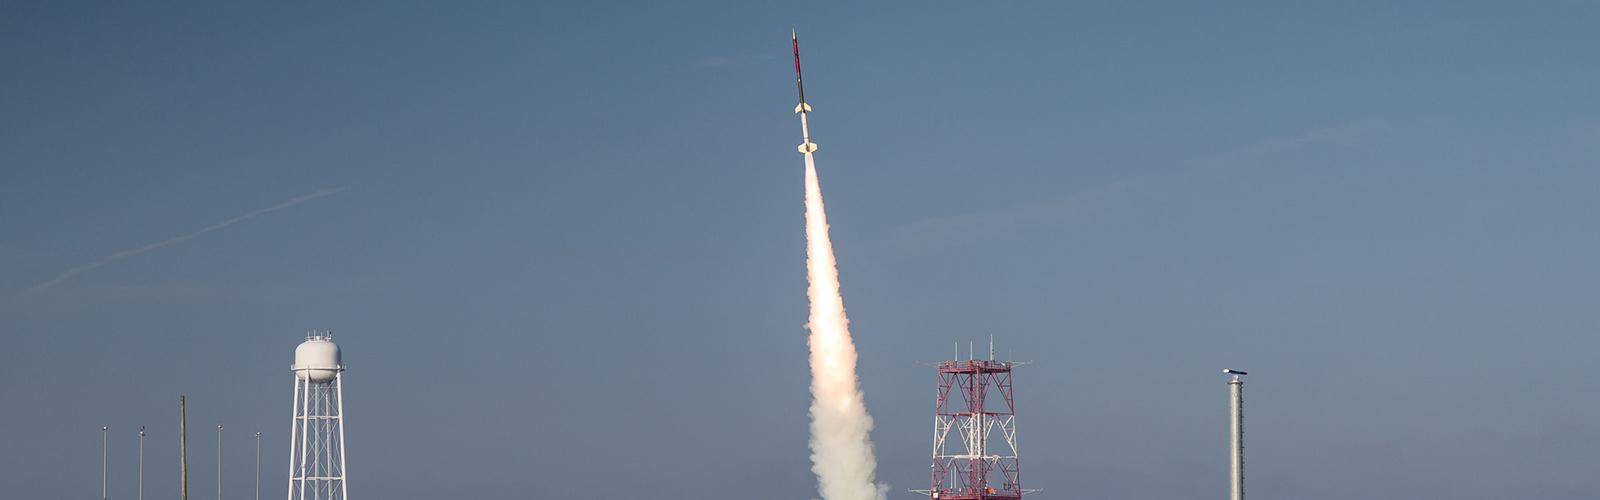 Photo of RockSat launch at NASA